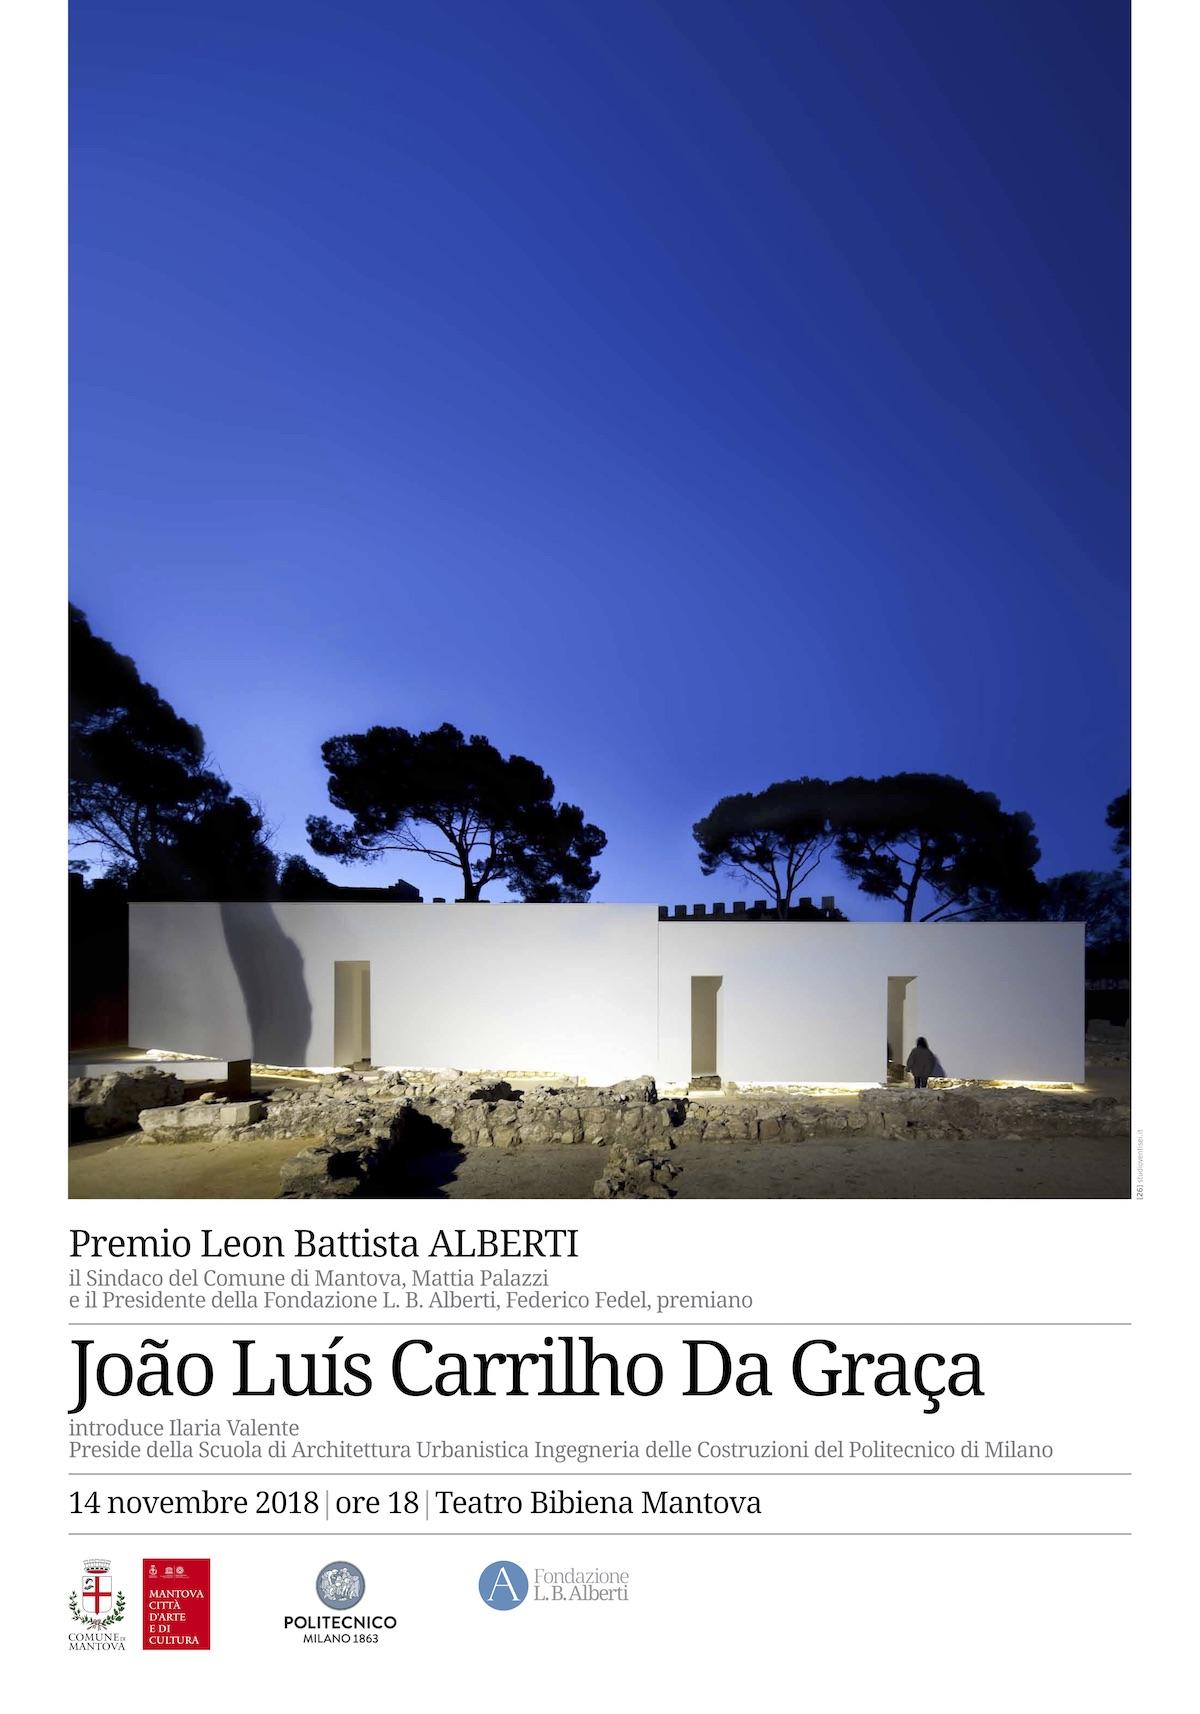 locandina Premio Leon Battista Alberti 2018